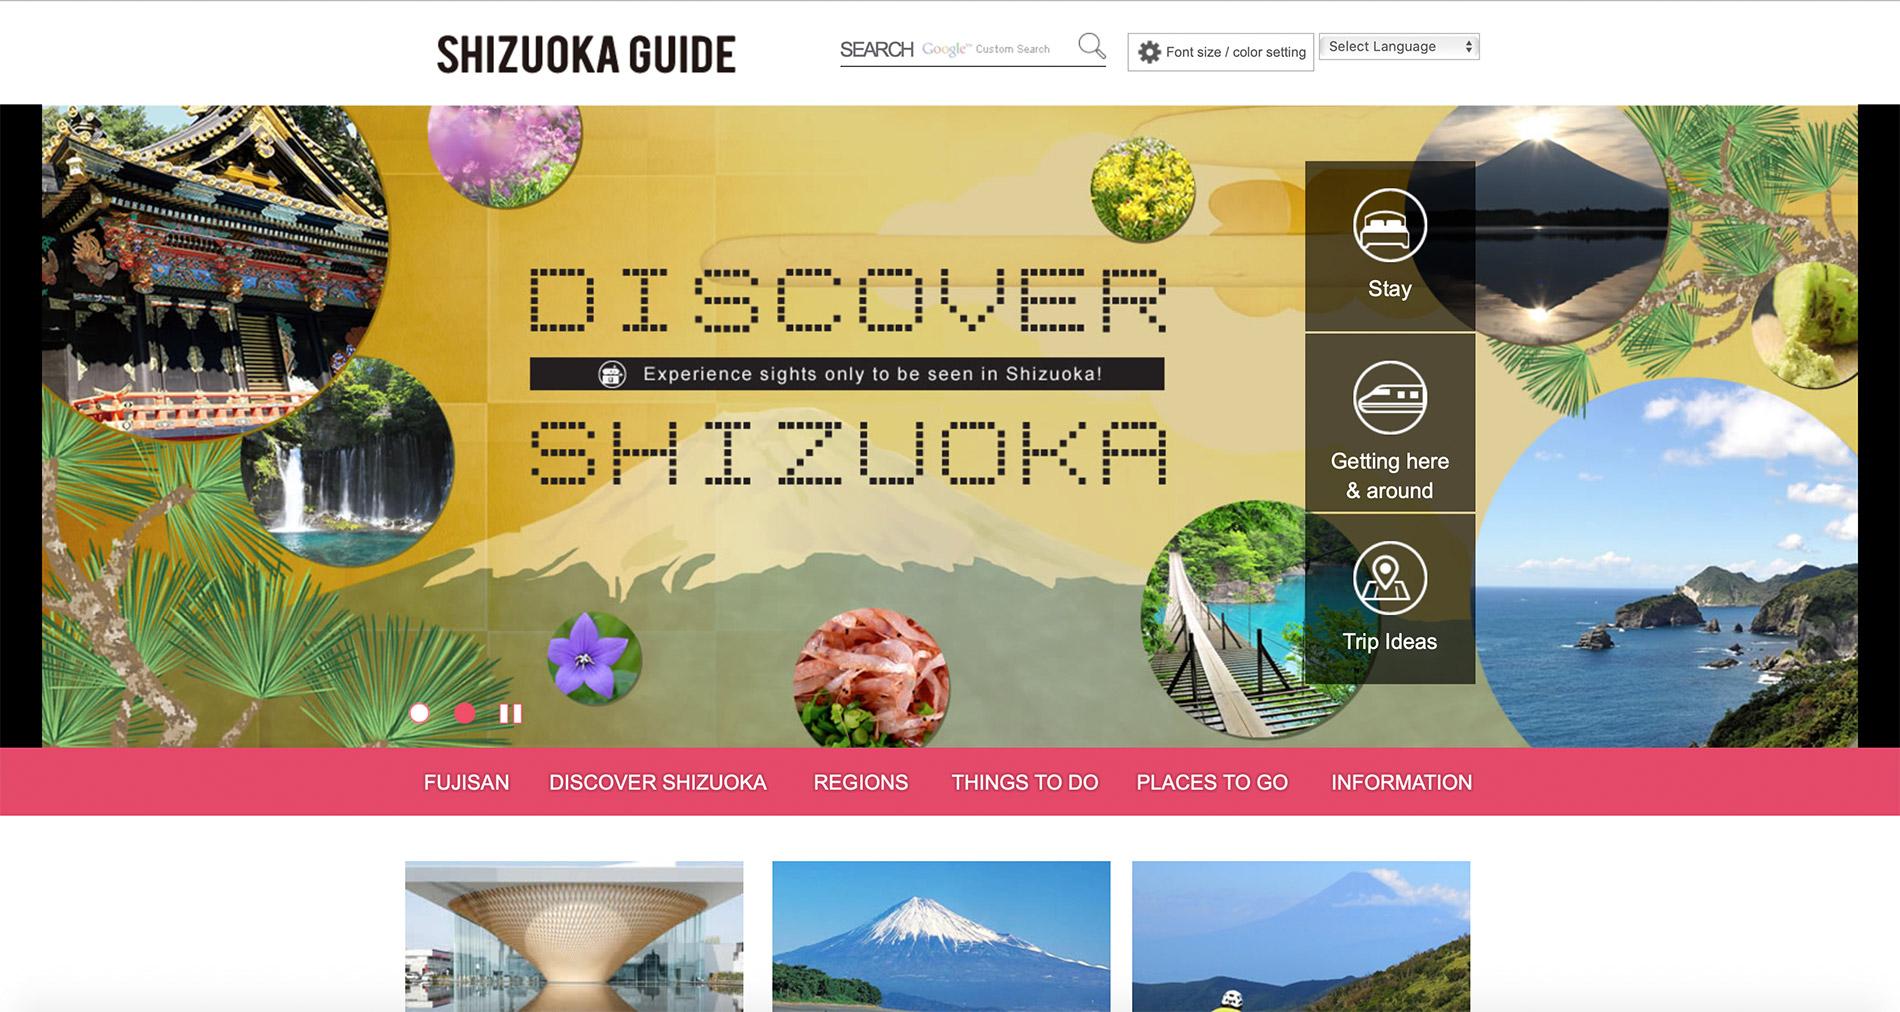 Die englische Webseite des Tourismusverbandes der Präfektur Shizuoka.